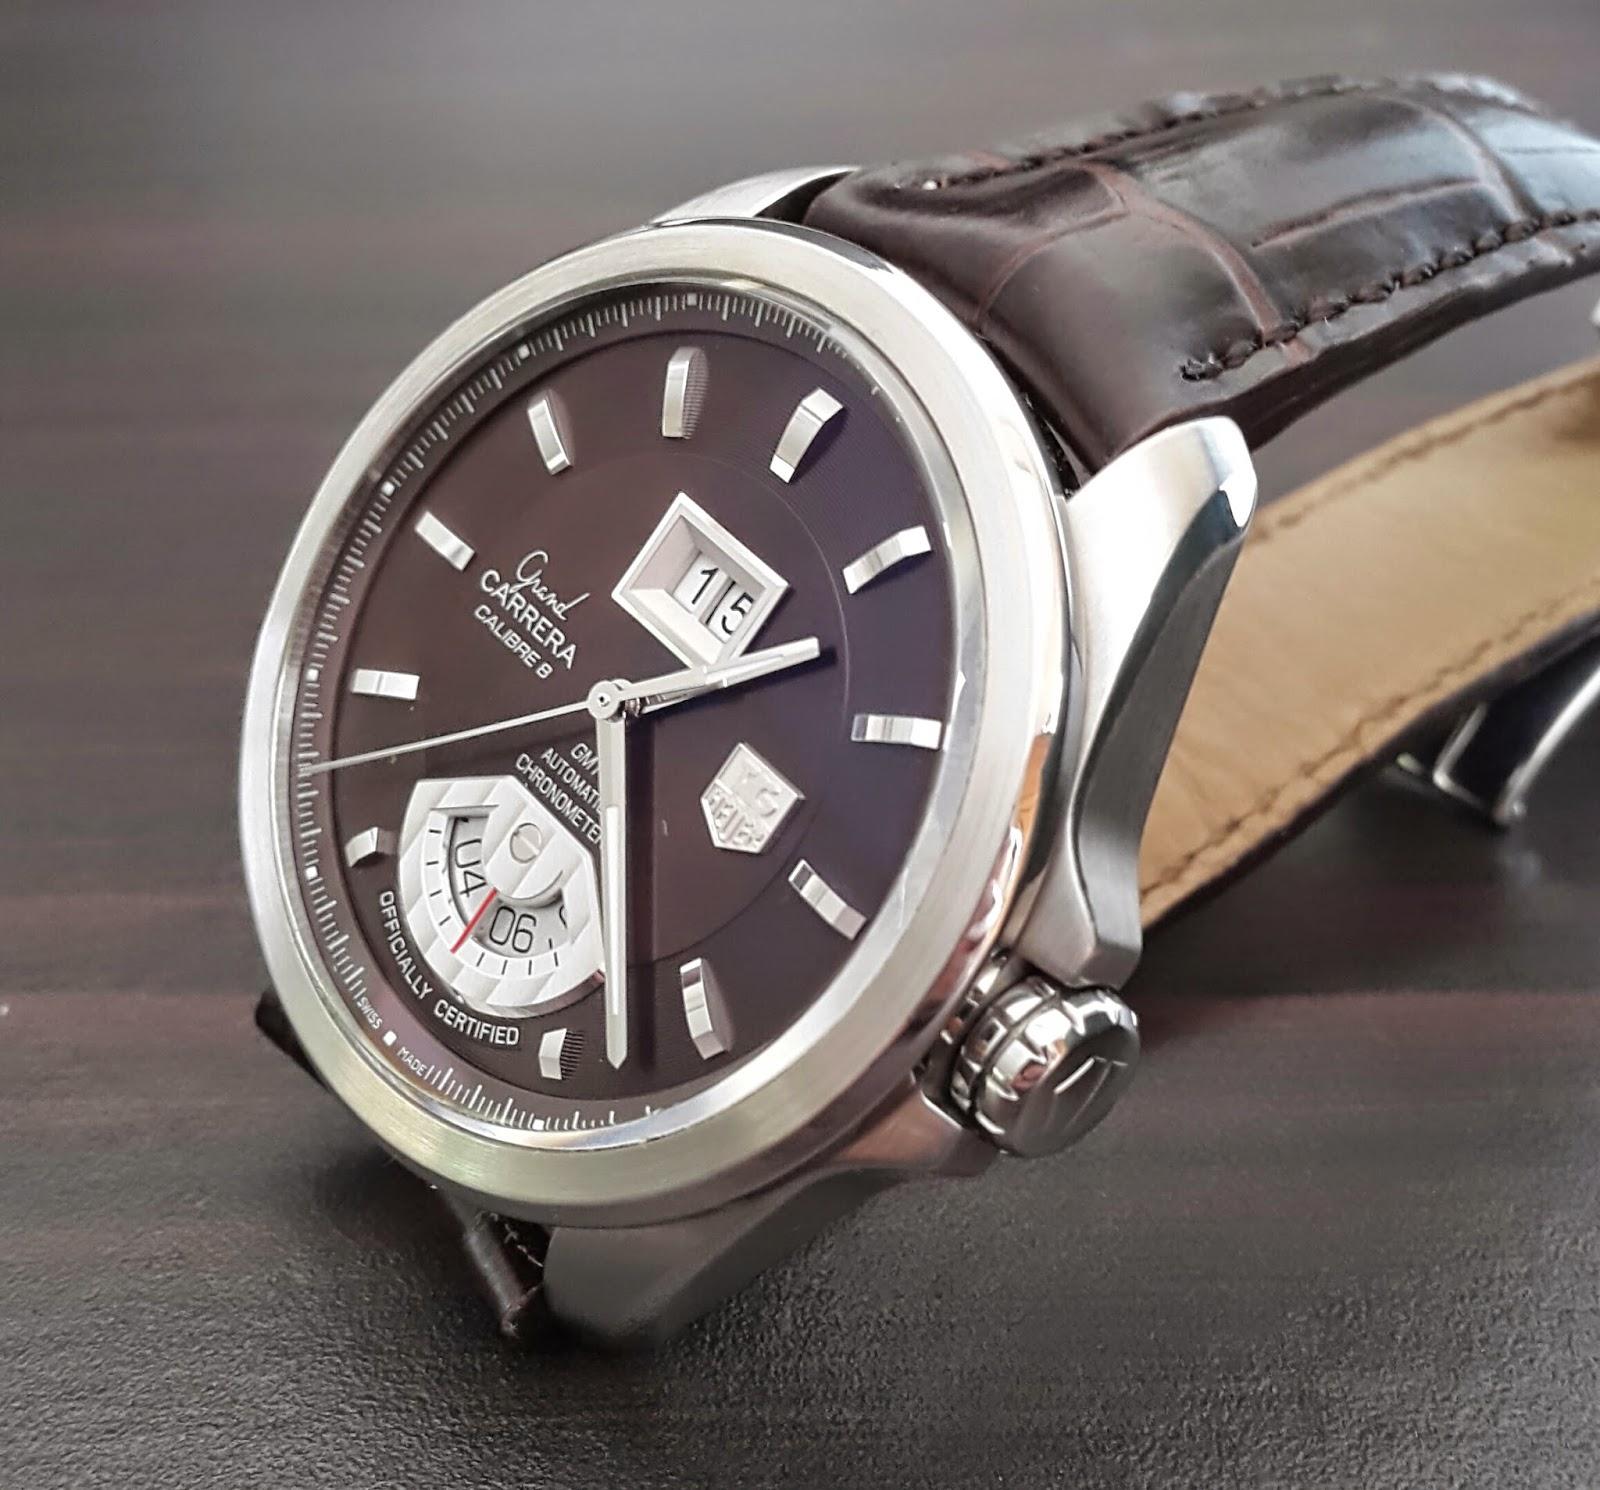 Функции: часы, минуты, секунды, дата, секундный счётчик.